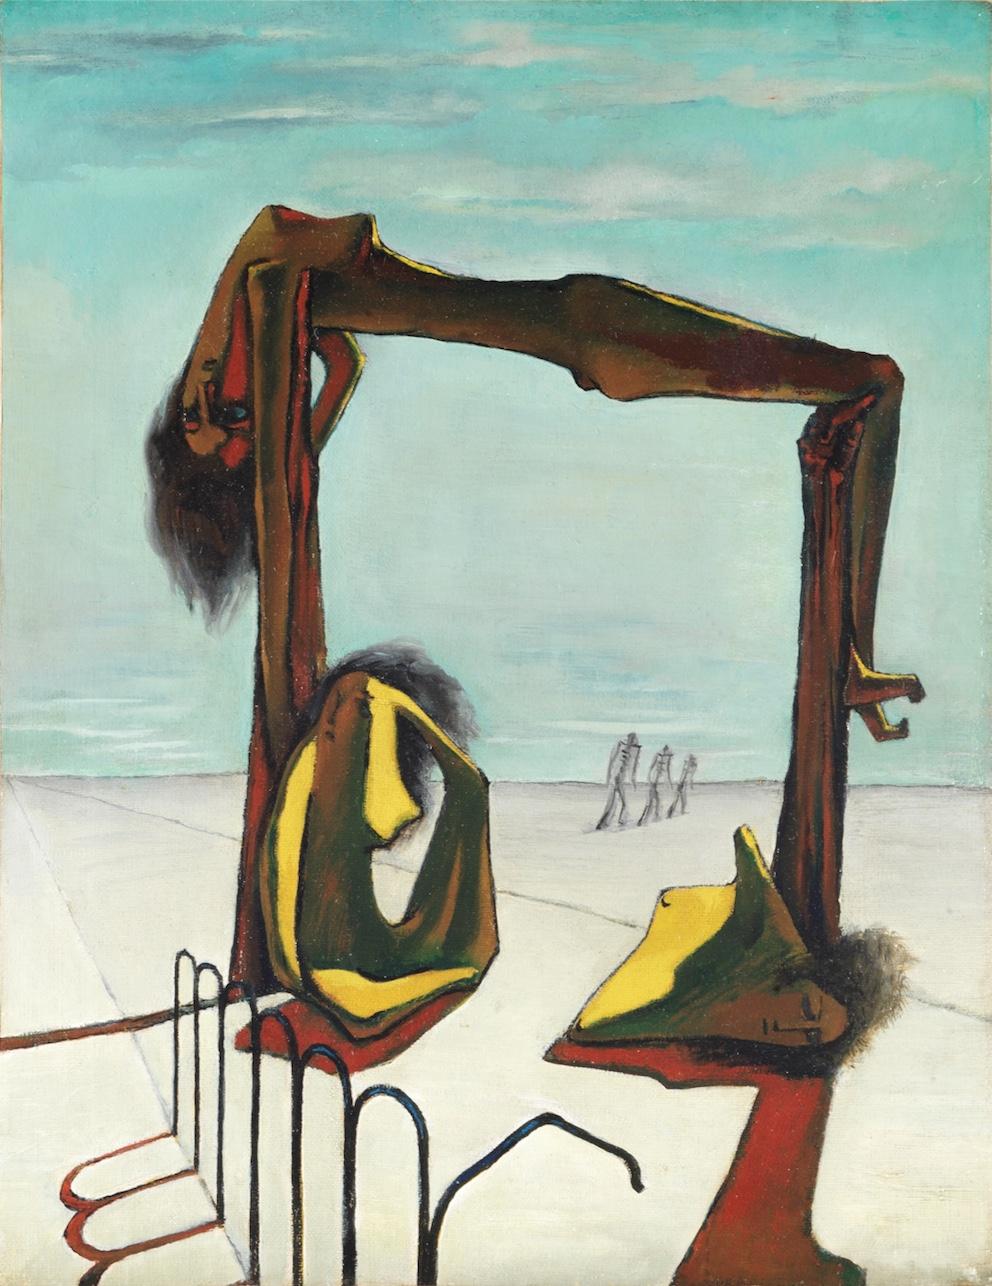 Ramsès Younane Sans titre, 1939 Huile sur toile 46,5 x 35,5 cm Collection de S. Exc. Sh. Hassan M. A. Al Thani, Doha